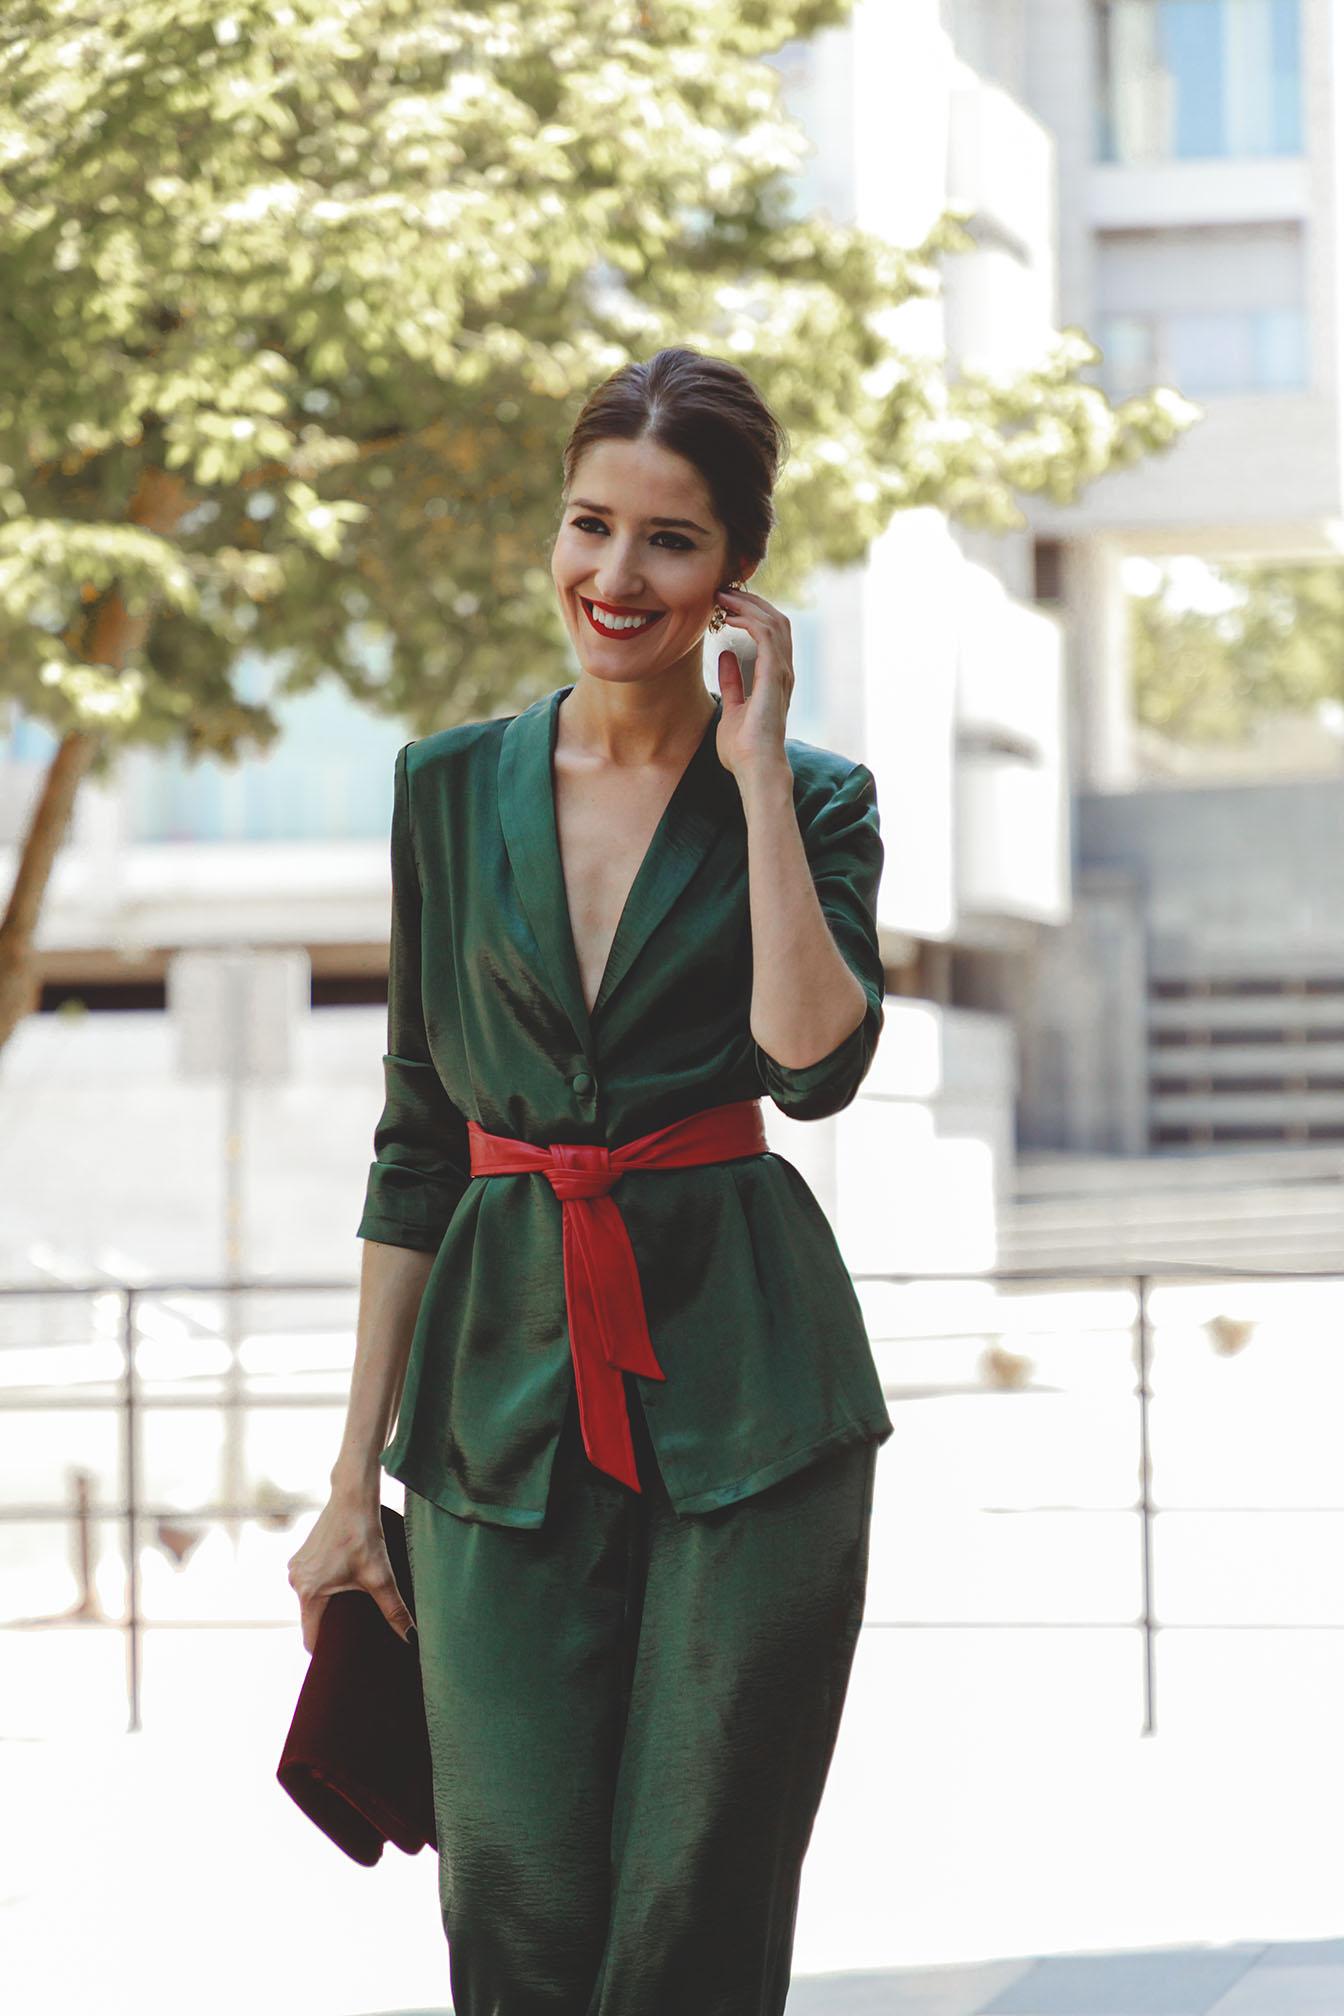 Look invitada otoño invierno traje chaqueta verde rojo satén invitada boda lowcost